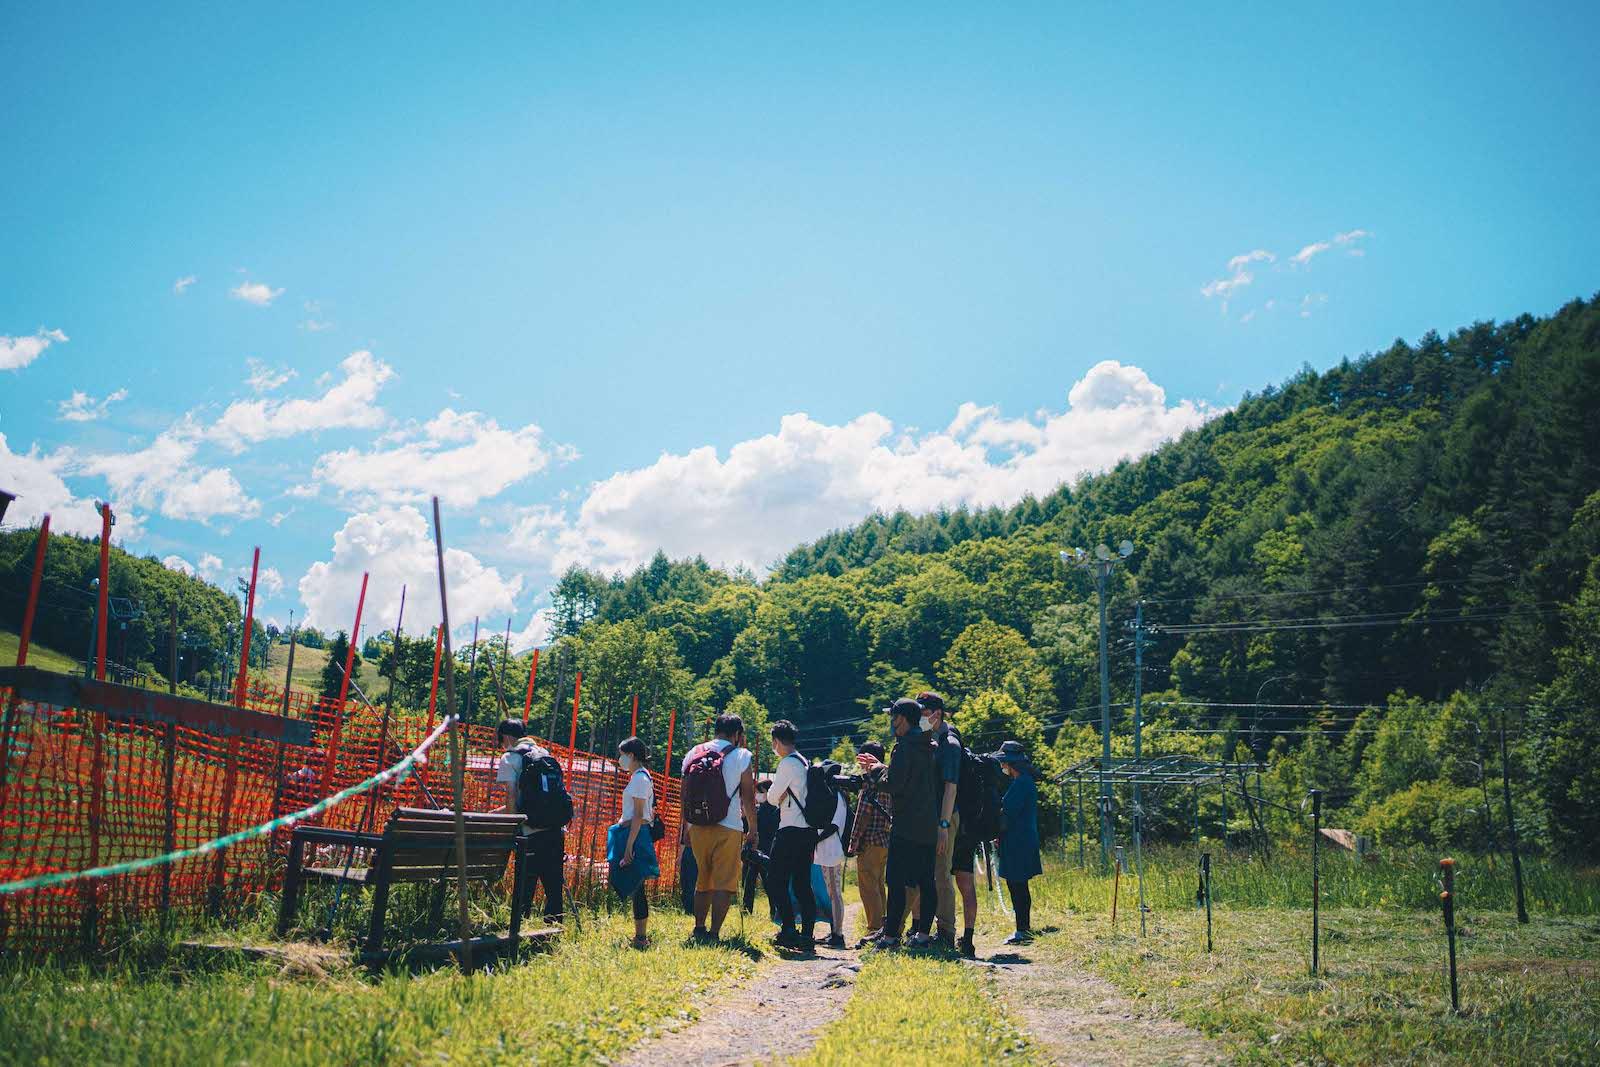 夏の乗鞍高原の農園